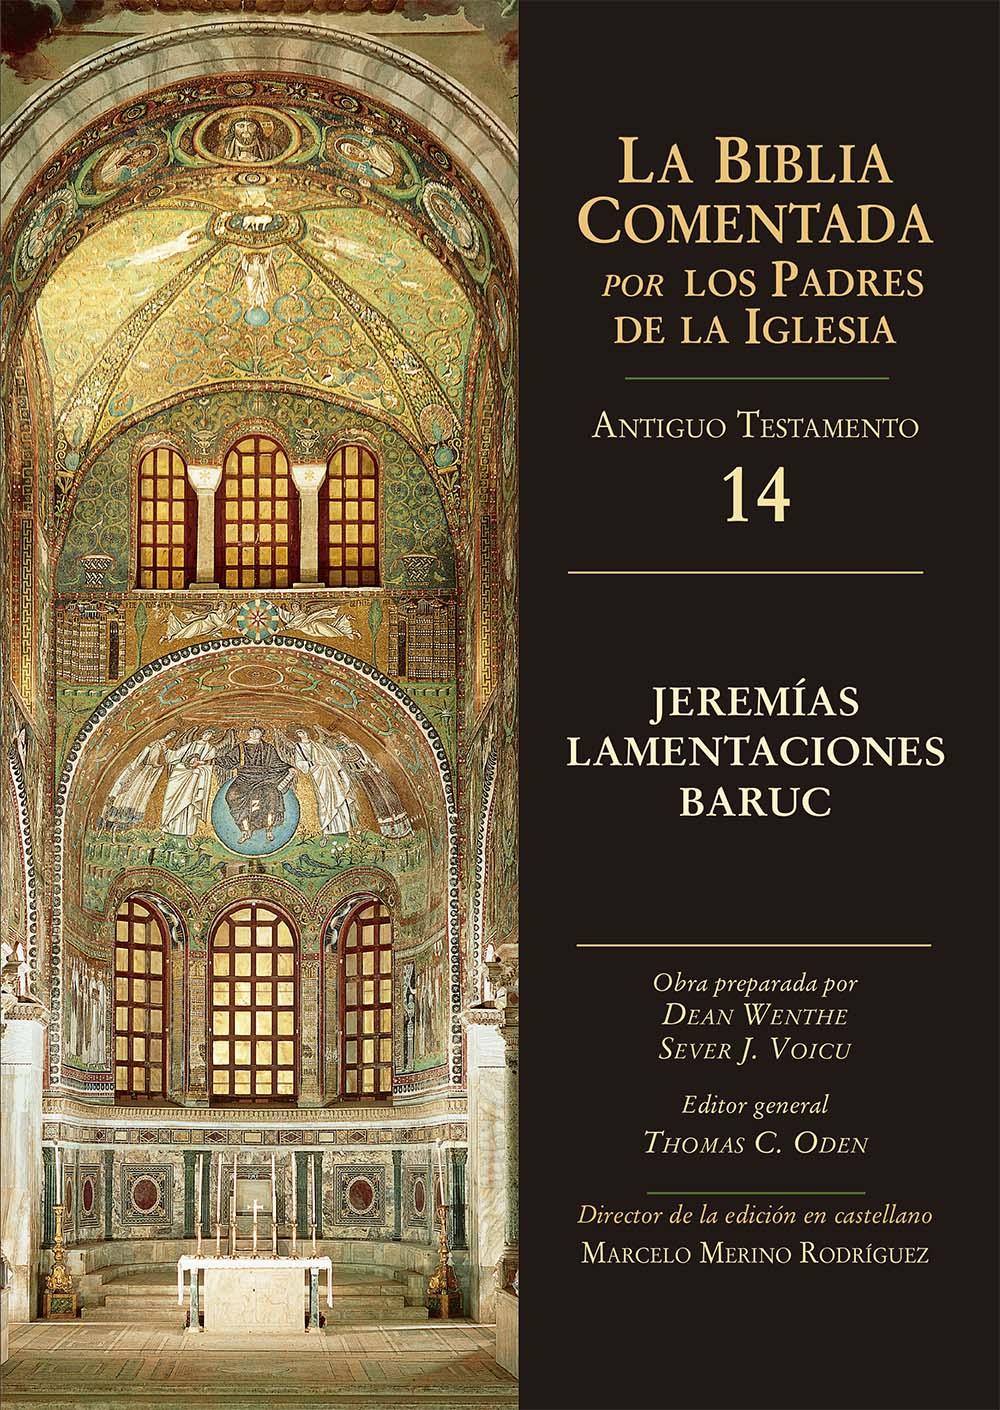 jeremias-lamentaciones-baruc